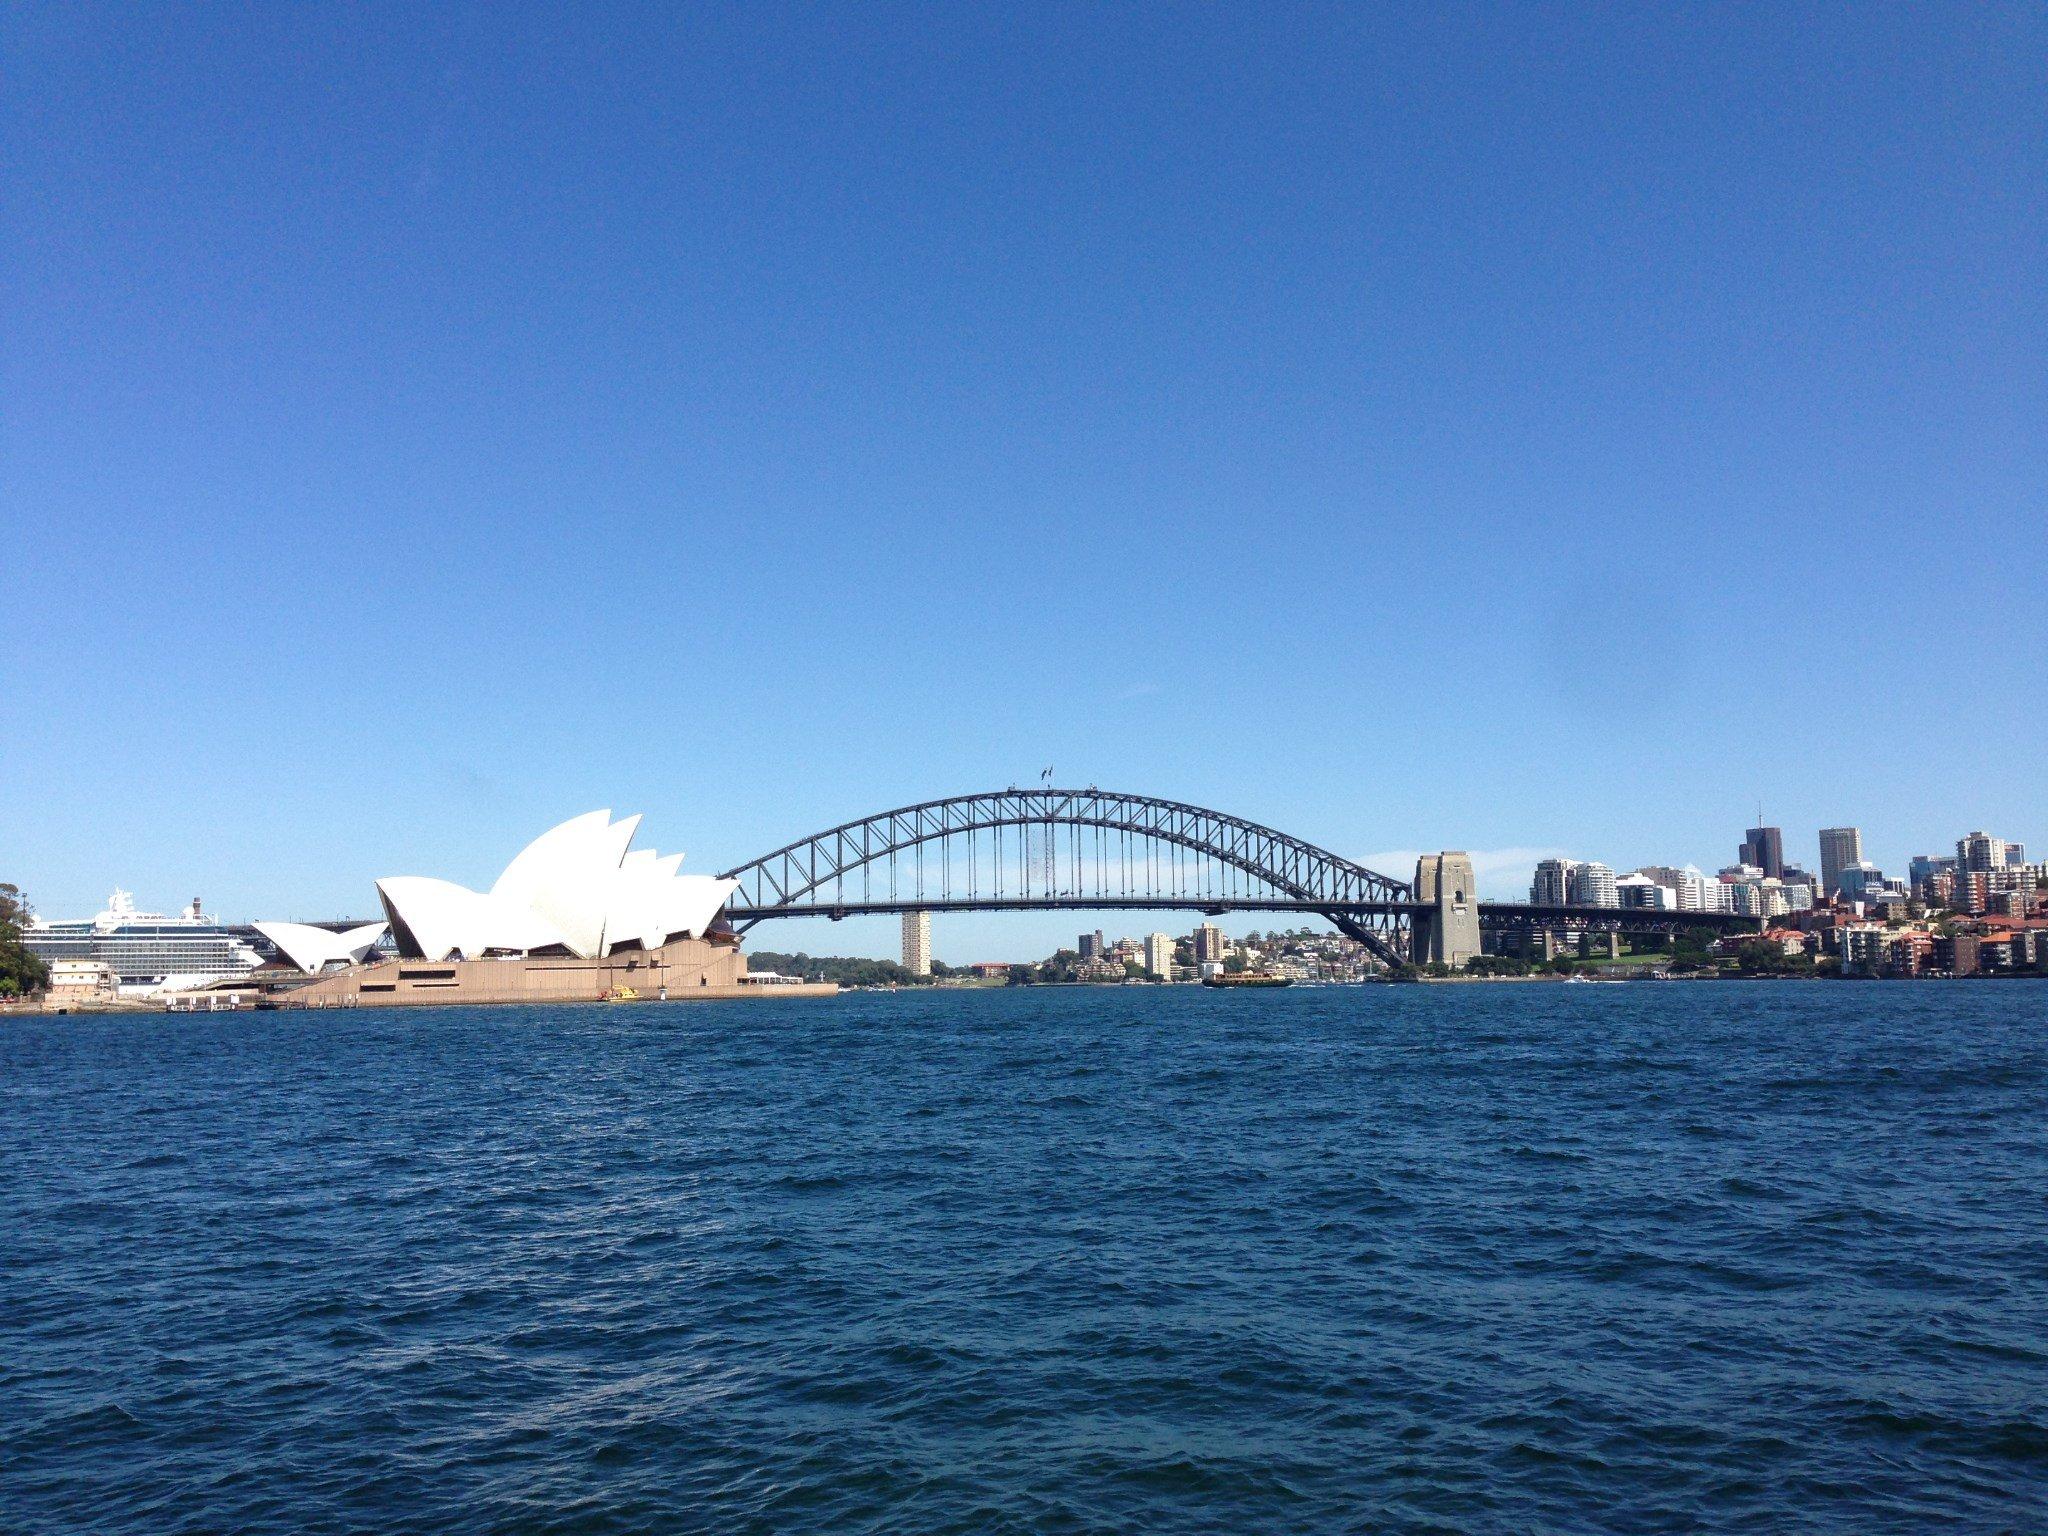 【新州•NSW】追忆似水年华(6): 在那蓝花楹盛开的地方, 繁花落尽一场梦